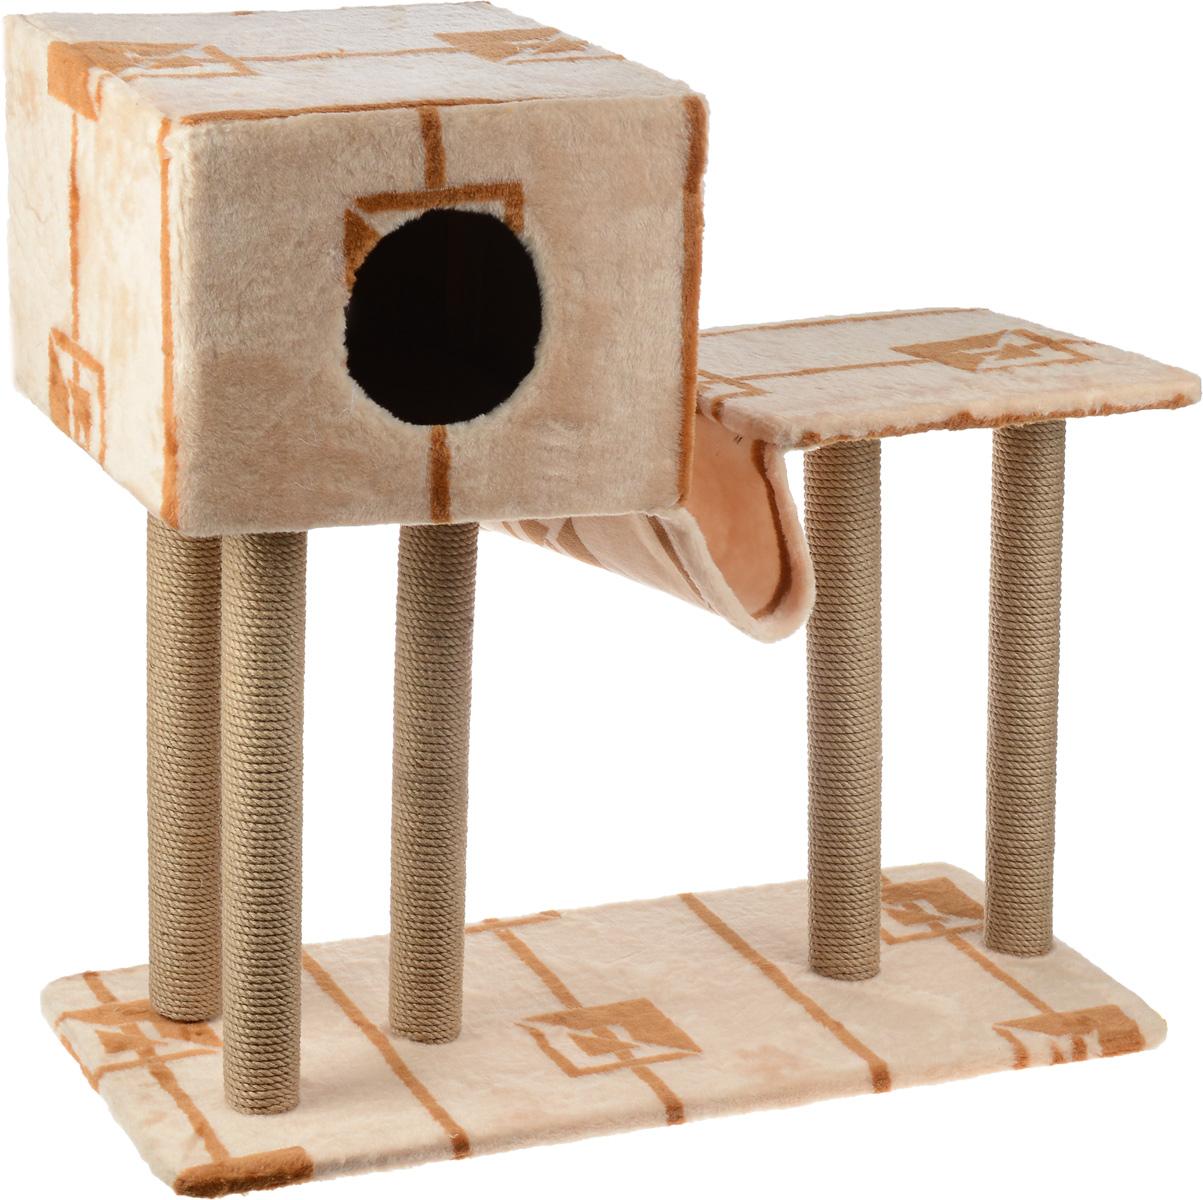 Игровой комплекс для кошек Меридиан, с домиком и гамаком, цвет: бежевый, коричневый, 90 х 40 х 80 см405230/25368_бежевыйИгровой комплекс для кошек Меридиан выполнен из высококачественного ДВП и ДСП и обтянут искусственным мехом. Изделие предназначено для кошек. Ваш домашний питомец будет с удовольствием точить когти о специальные столбики, изготовленные из джута. А отдохнуть он сможет в домике, на полках или в удобном гамаке.Общий размер: 90 х 40 х 80 см.Размер основания: 90 х 40 см.Высота полки: 53 см.Размер домика: 40 х 40 х 28 см.Размер полки: 39 х 39 см.